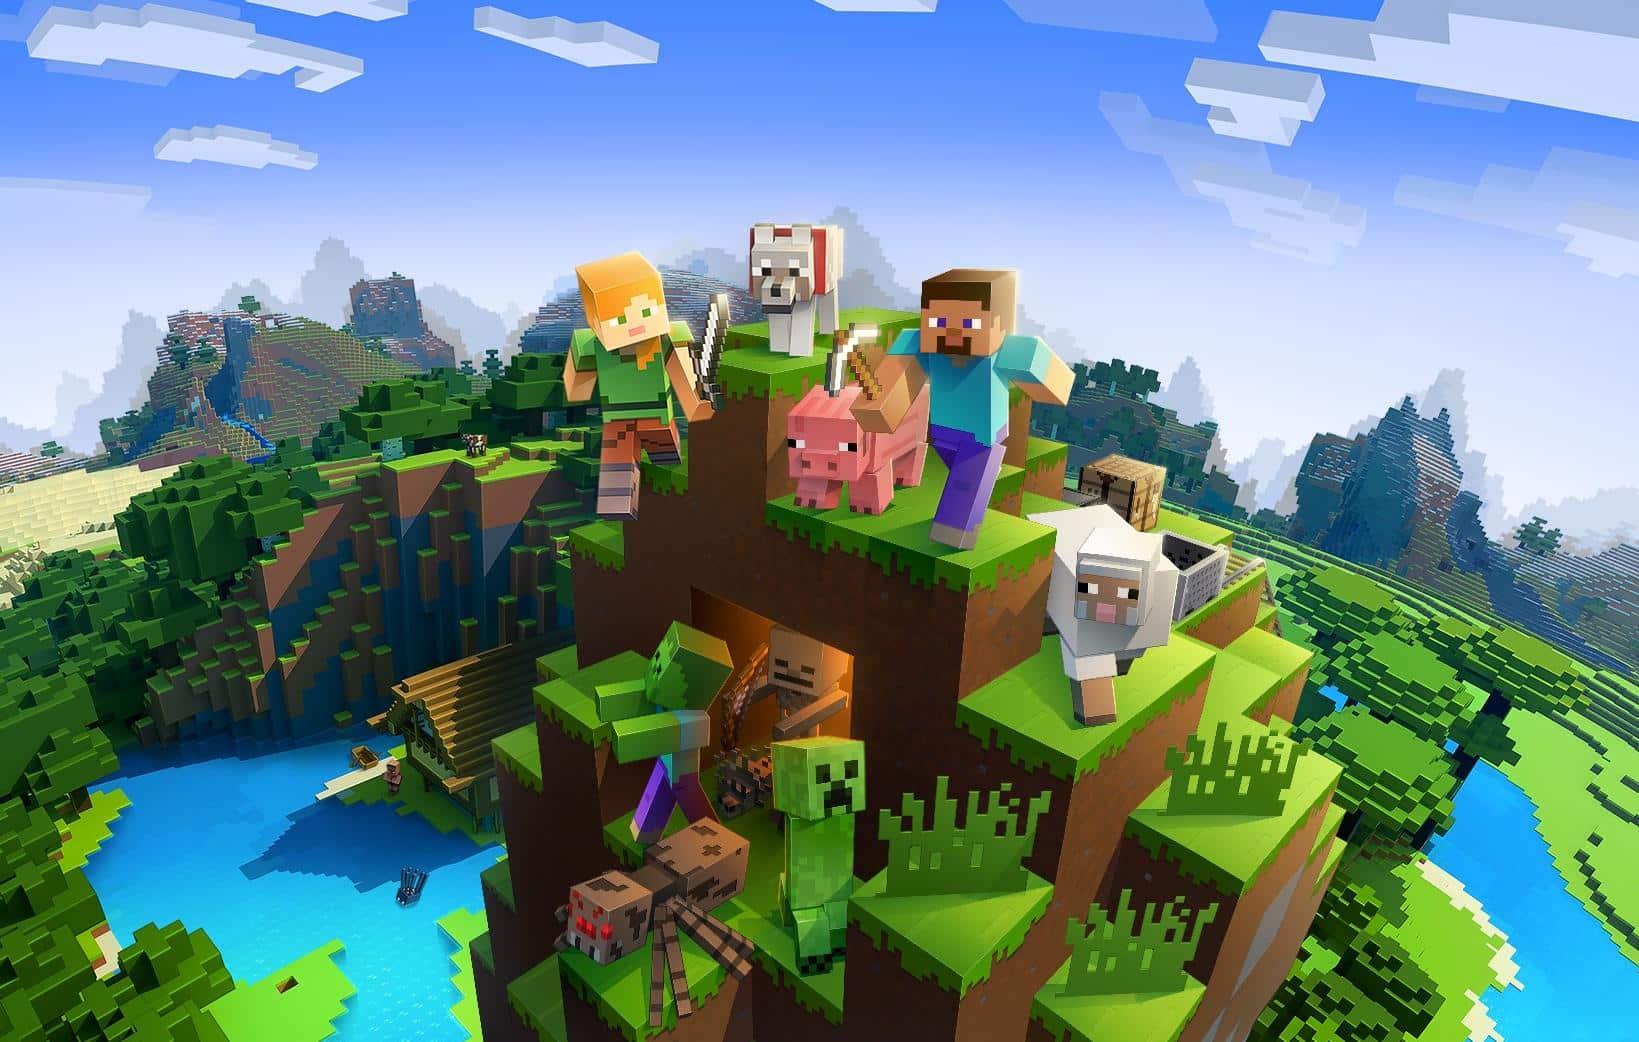 Minecraft Live 11 traz novidades sobre o jogo em 11 de outubro